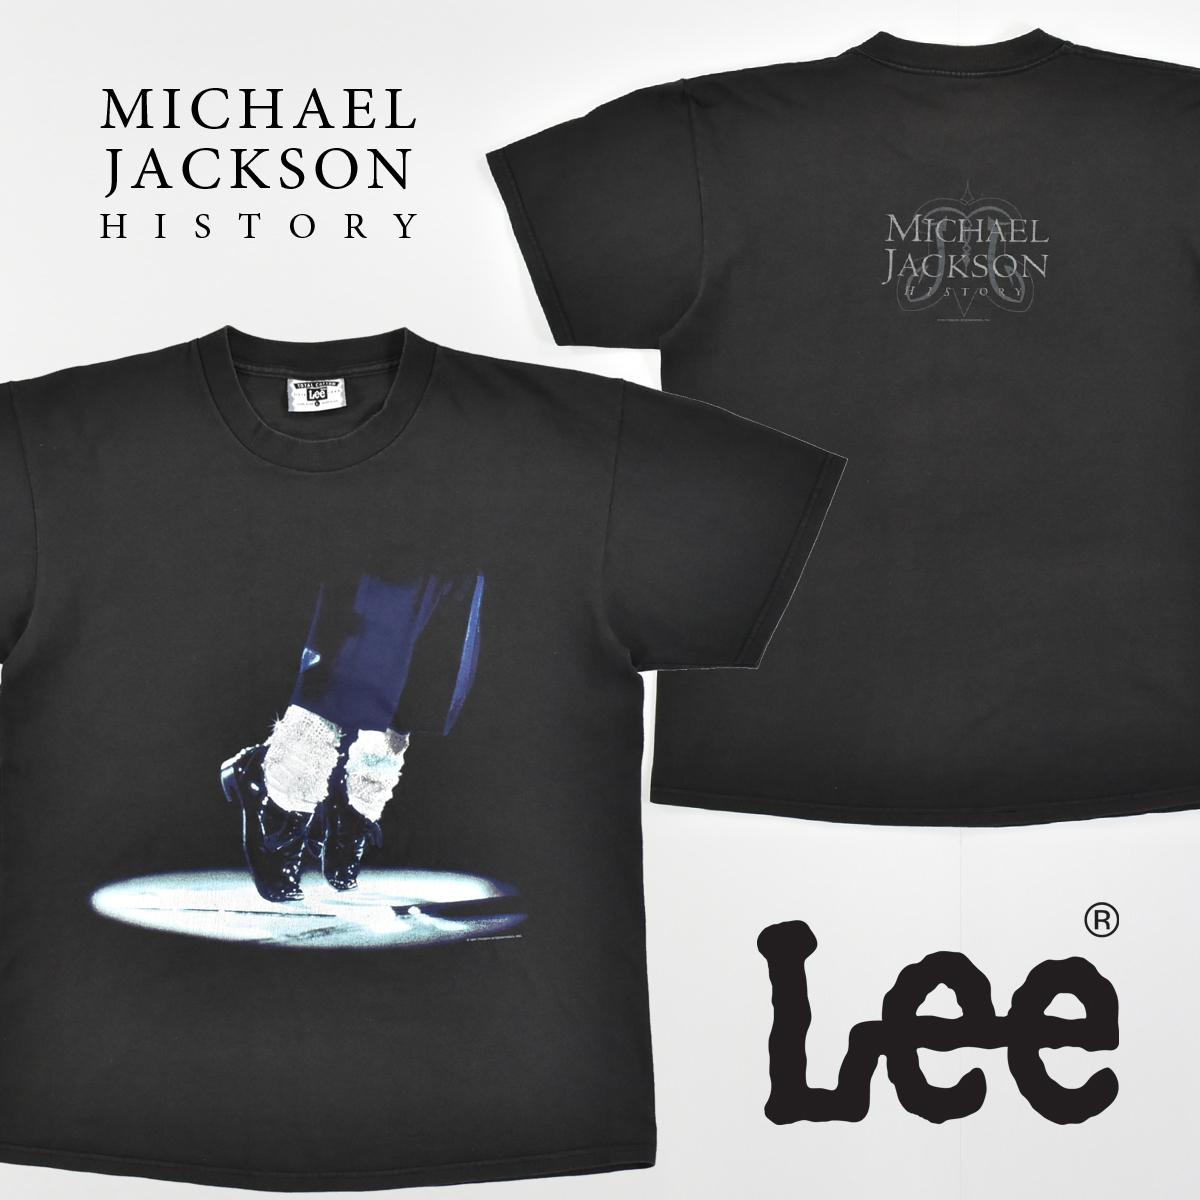 Michael Jackson マイケルジャクソン ★ リー Leeボディ USA製 ヴィンテージ 90s 1994 HISTORY コピーライト有 半袖 Tシャツ 黒 L_画像1